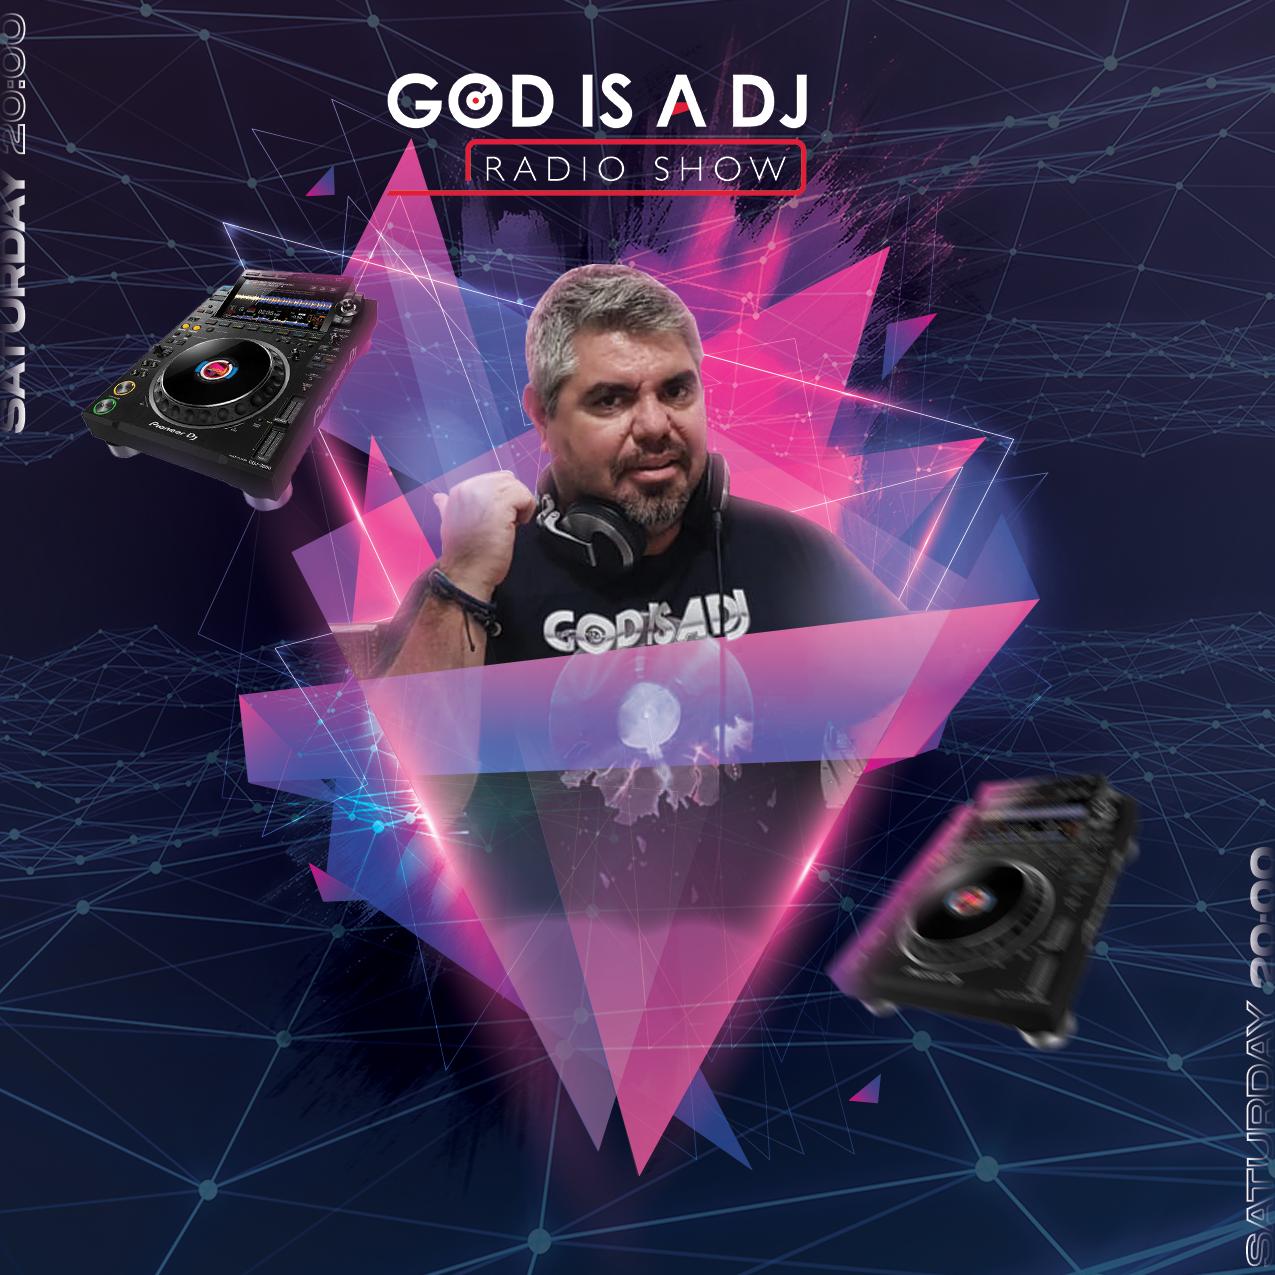 GOD-5